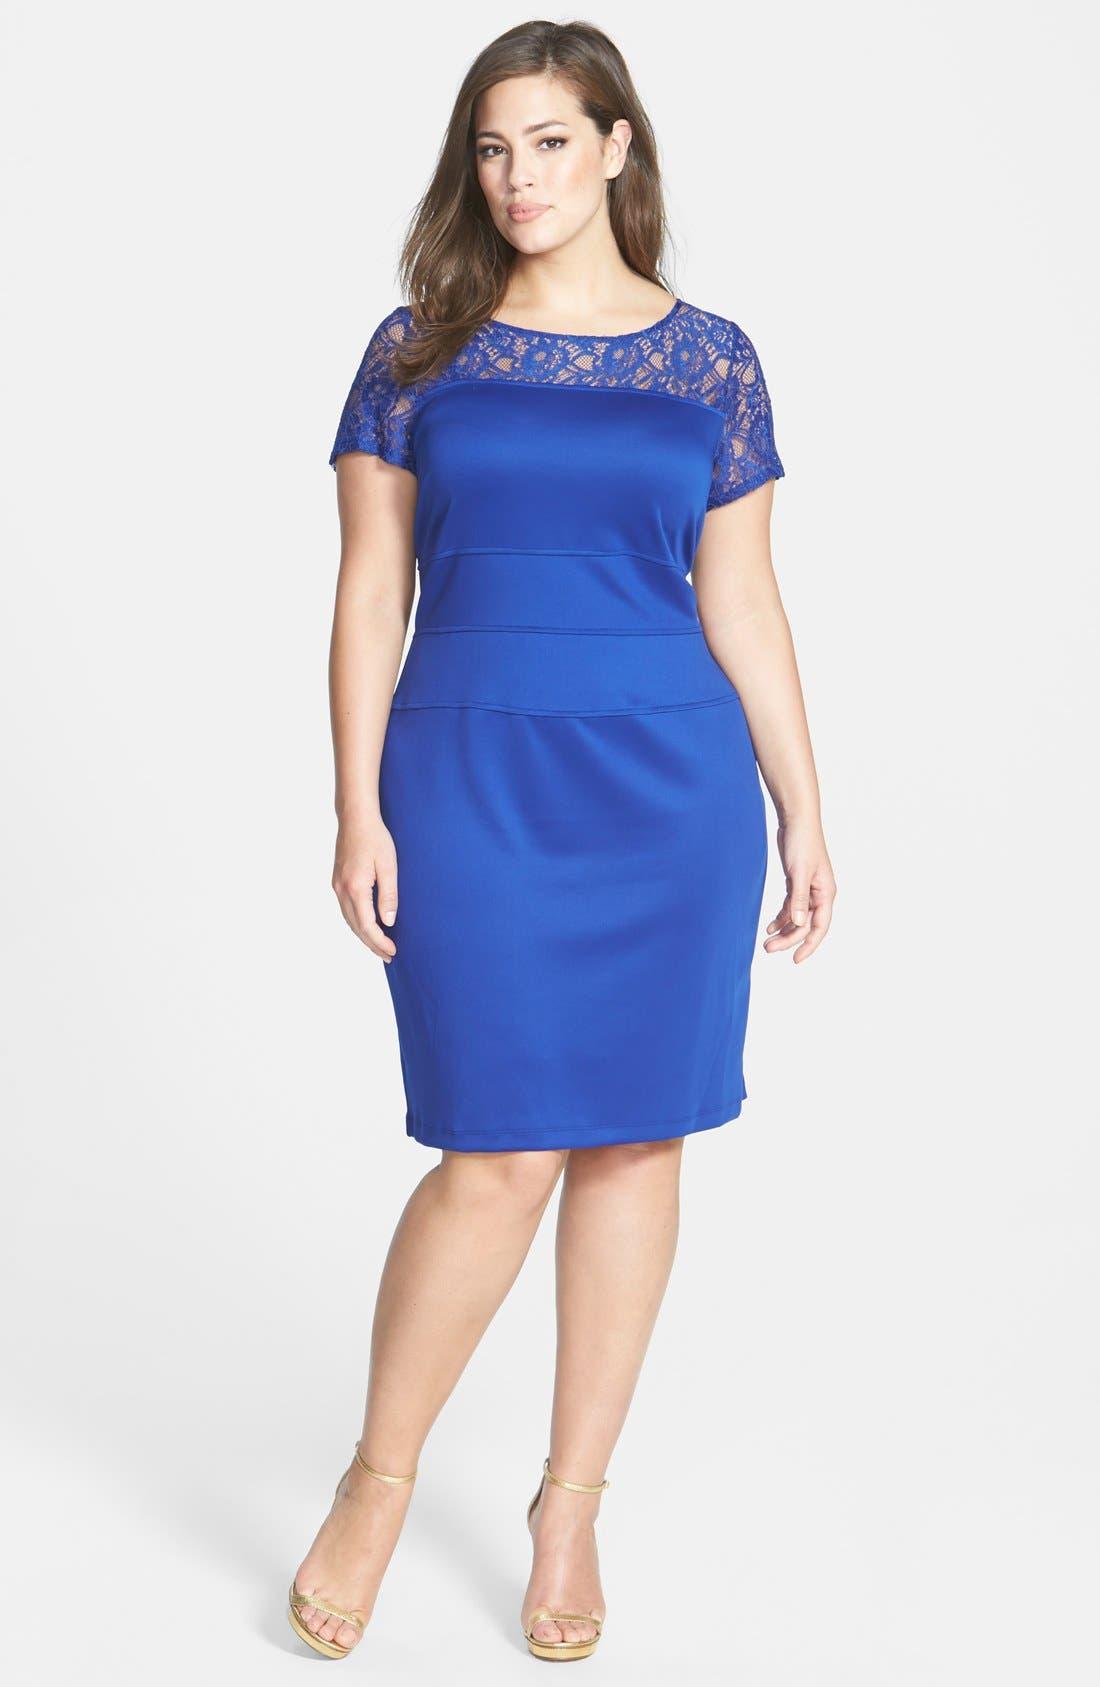 Main Image - Gabby Skye Lace Yoke Sheath Dress (Plus Size)